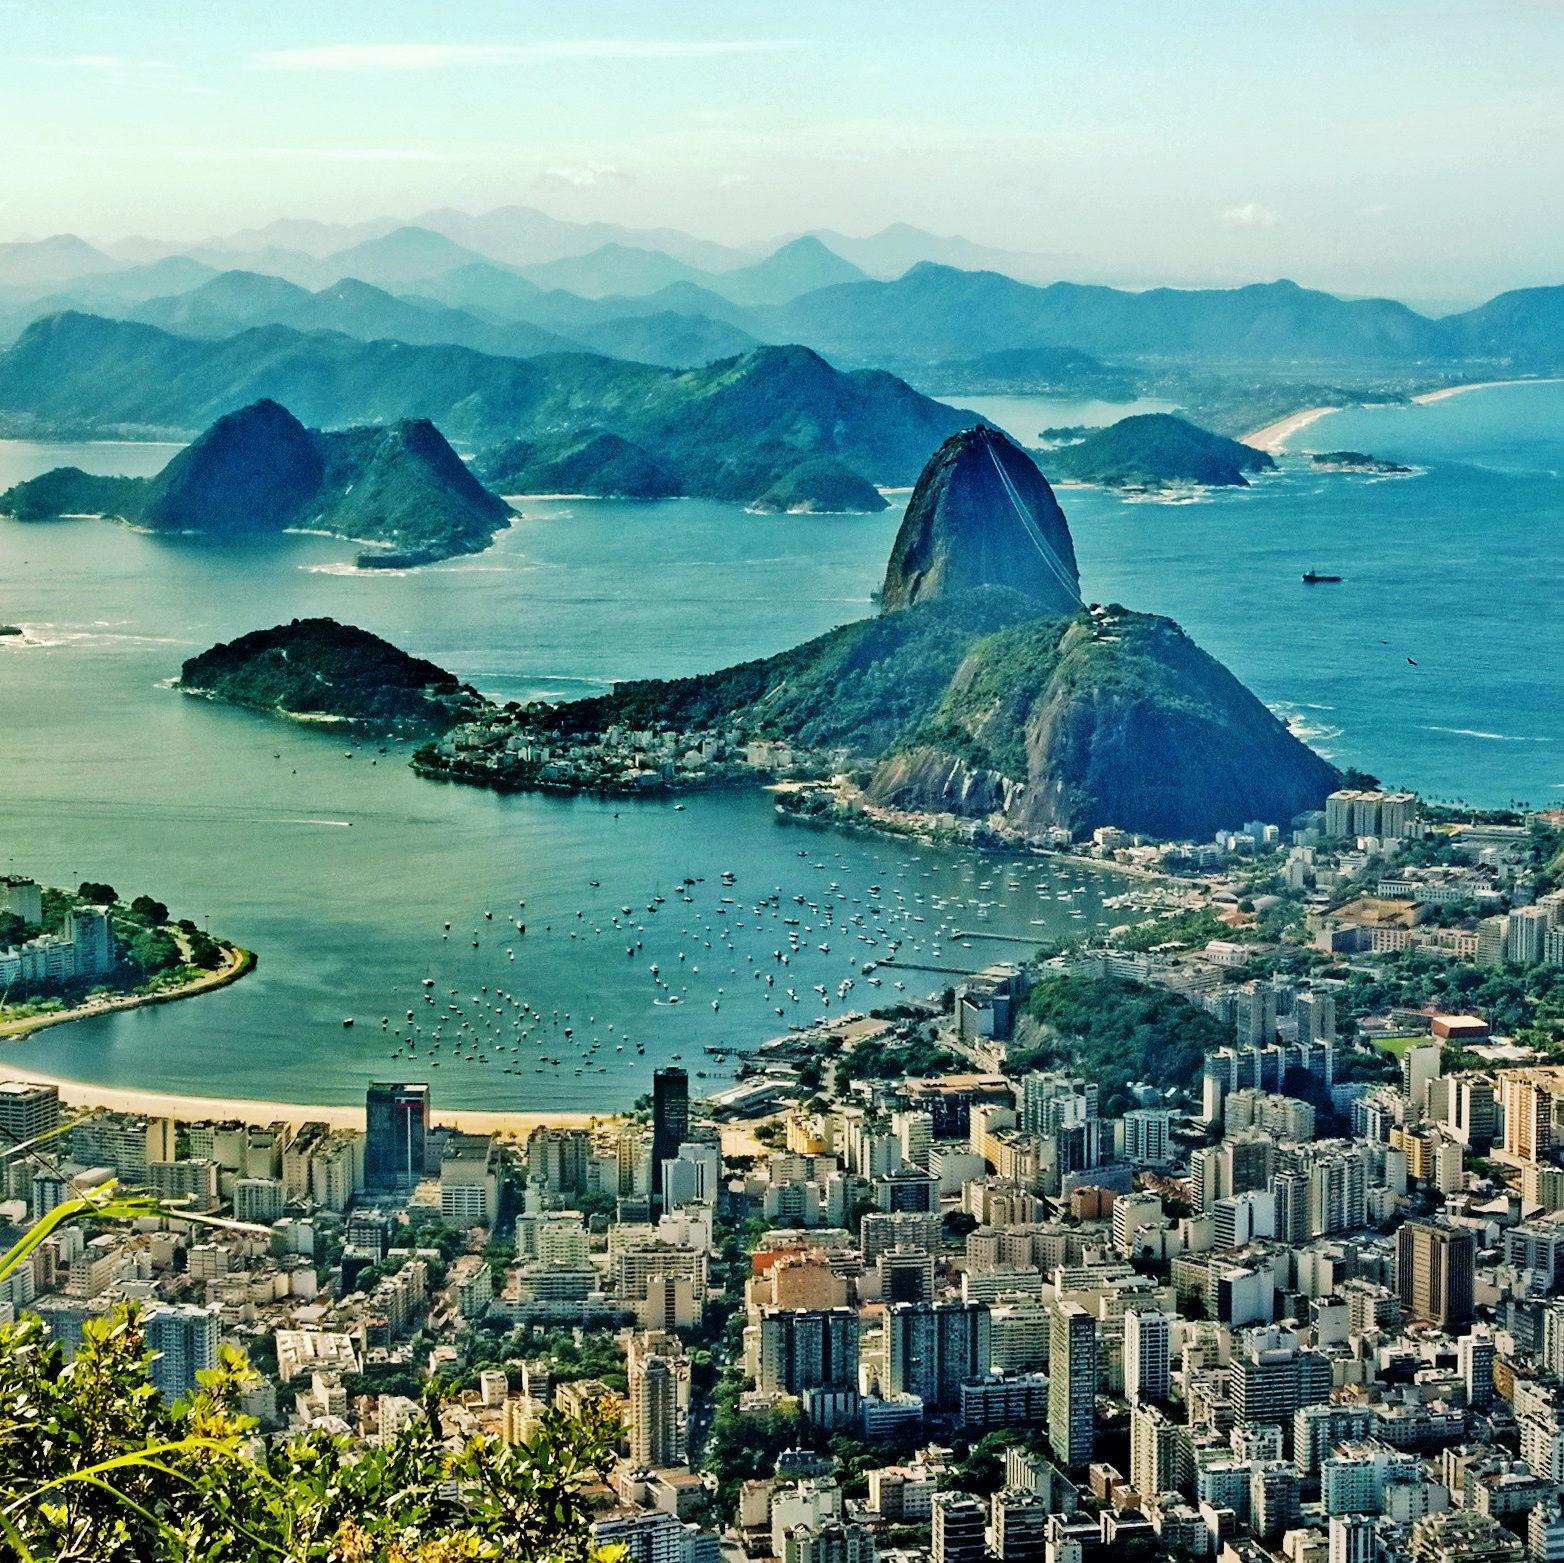 View over Brazil e1490712645799 - Samba noises again?